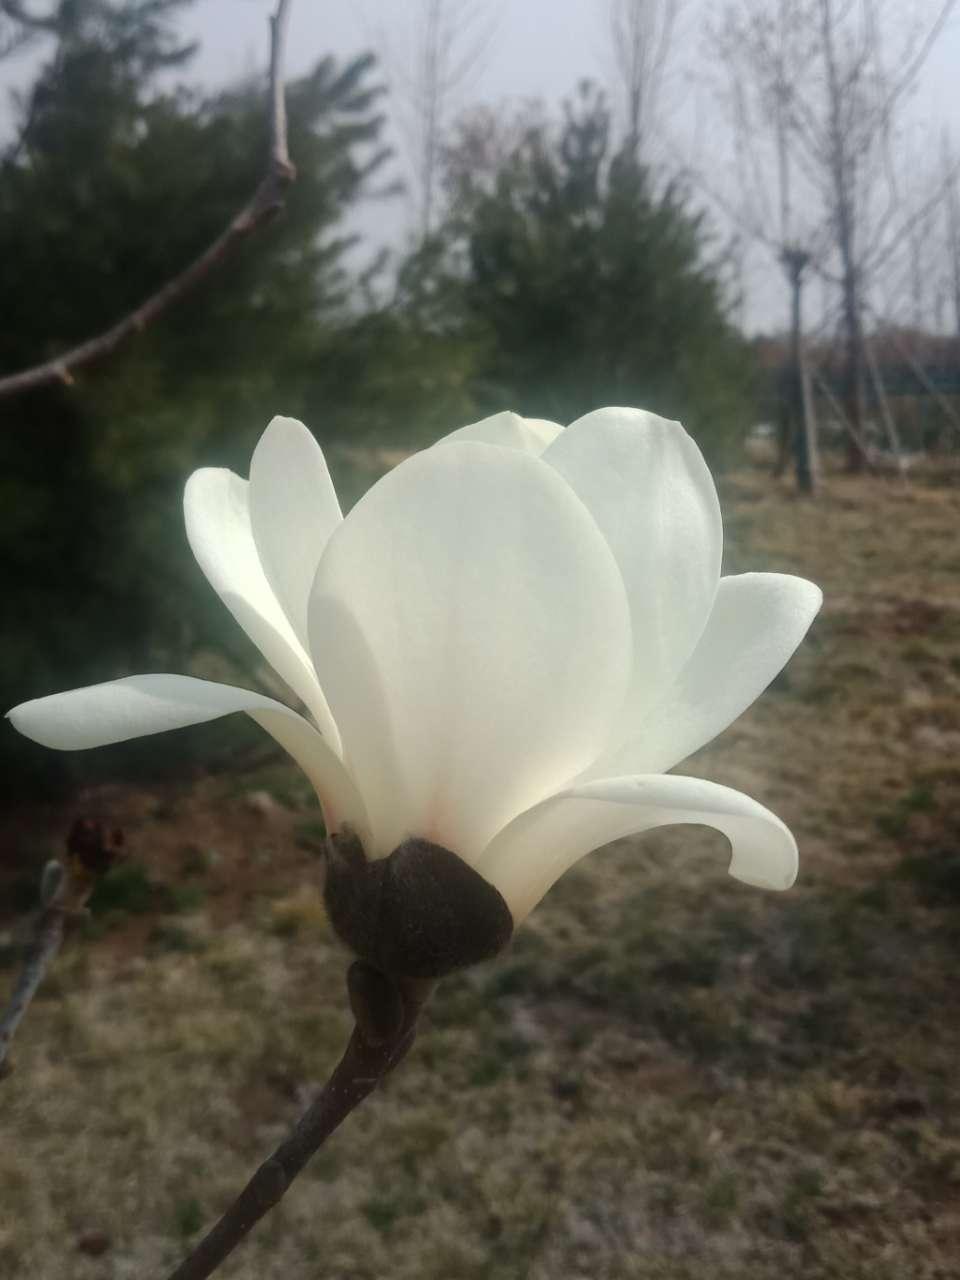 白玉兰花,紫玉兰花,好像会动-4.jpg